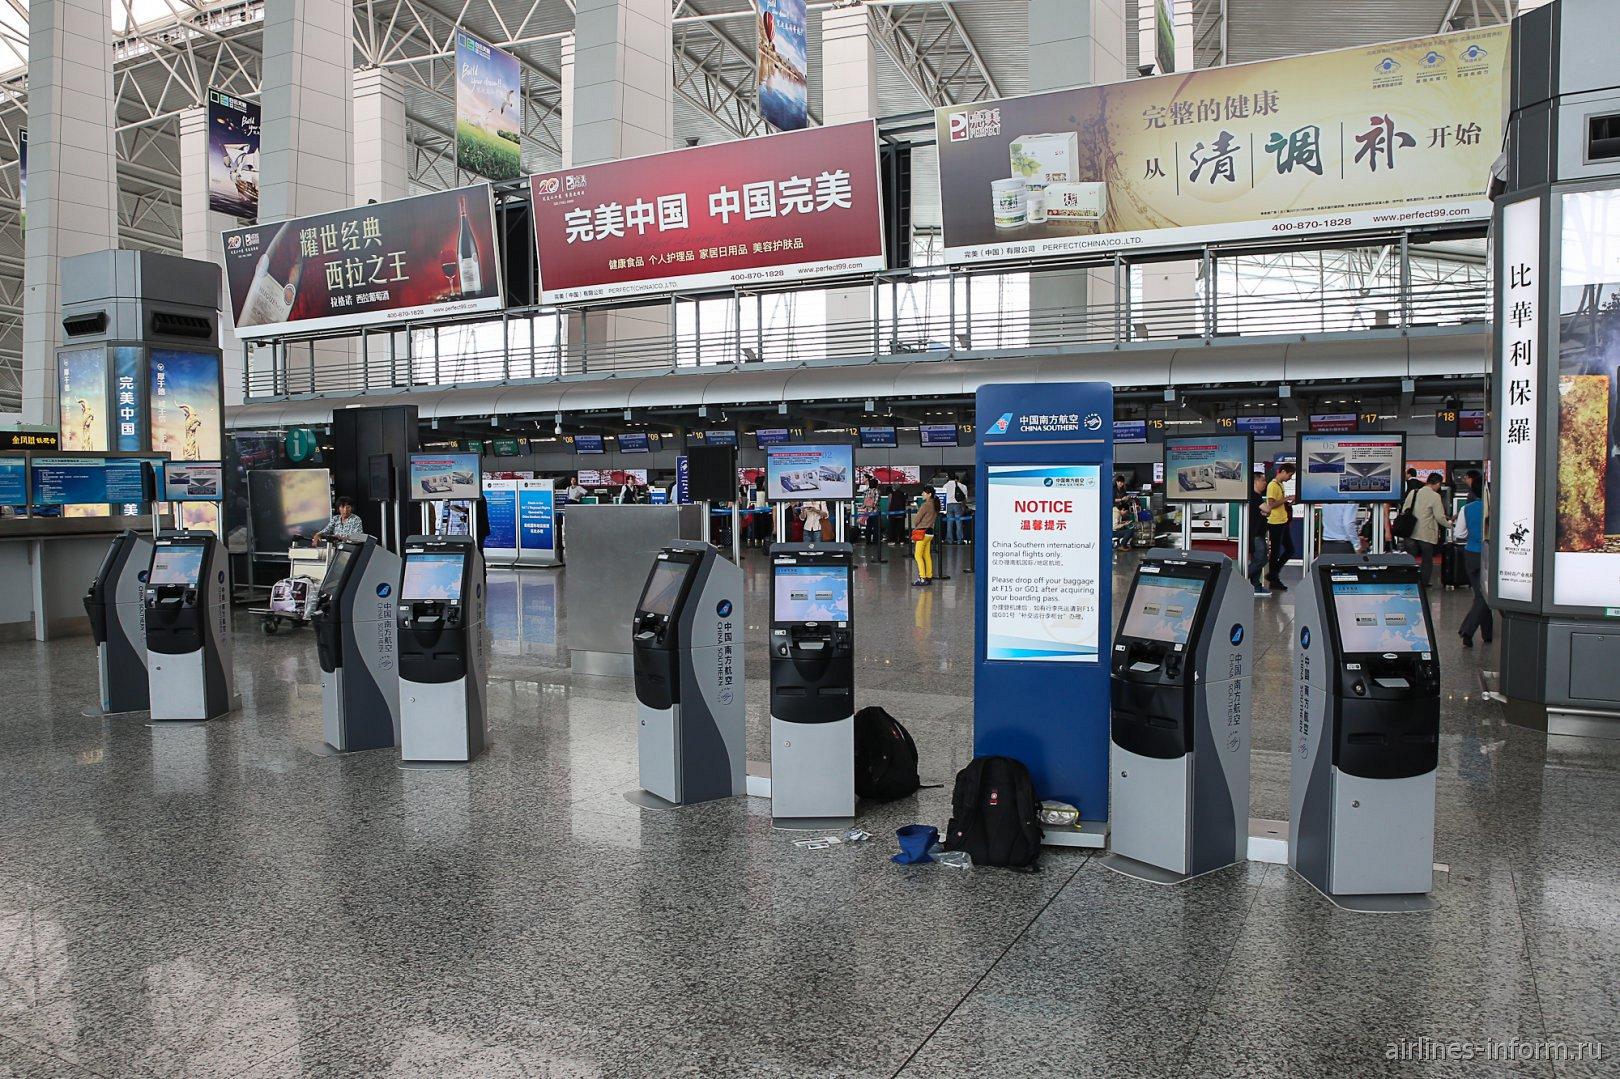 Стойки самостоятельной регистрации China Southern Airlines в аэропорту Гуанчжоу Байюнь